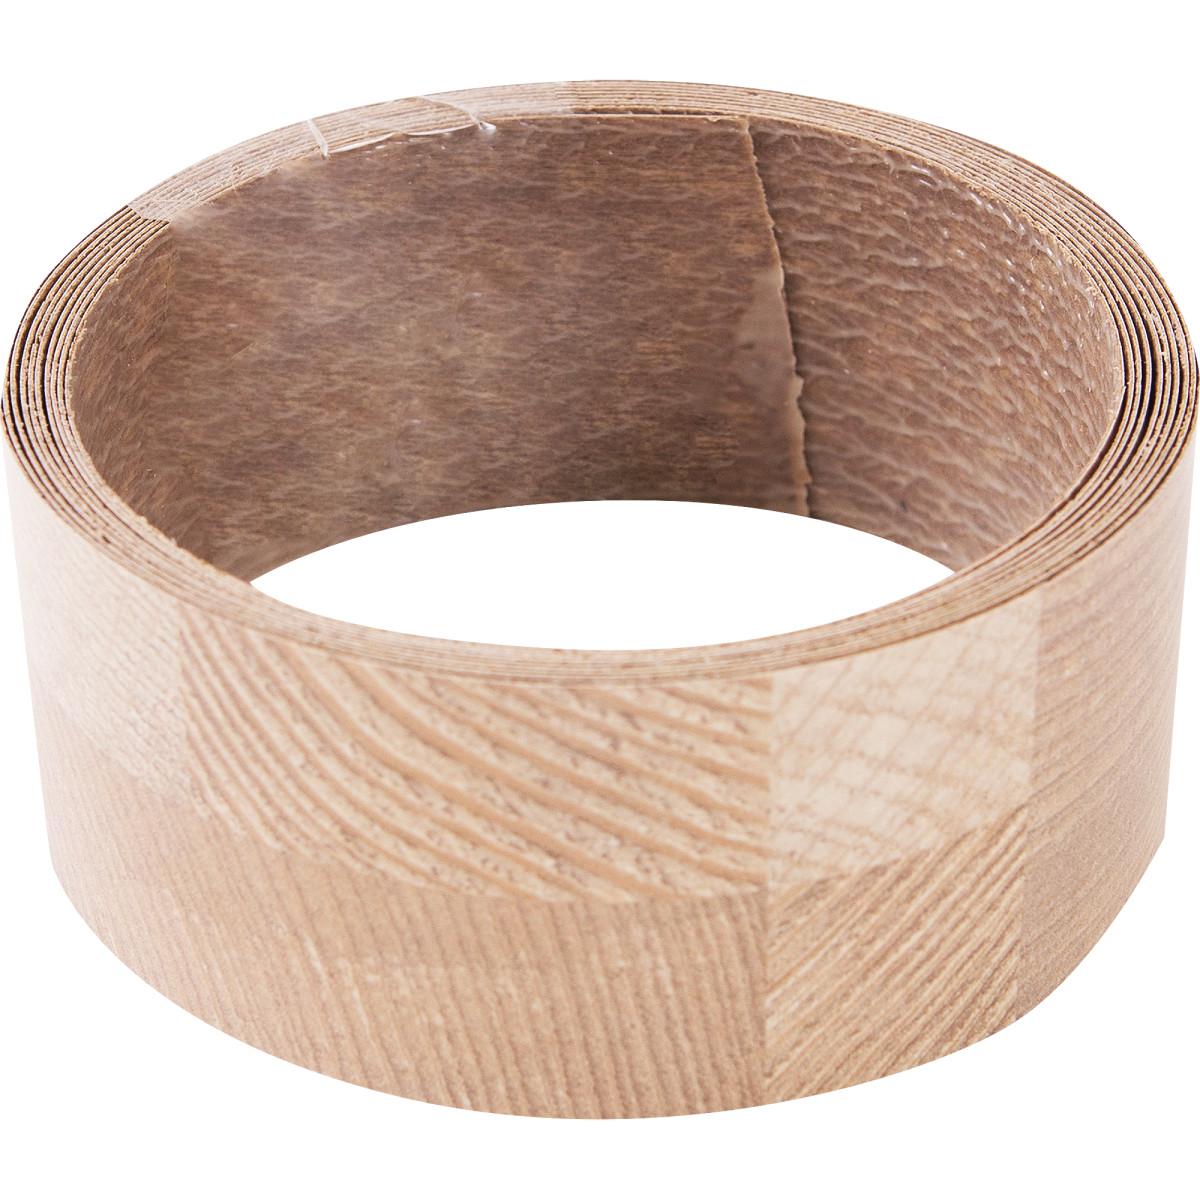 Кромка №2044 с клеем для столешницы 300х4.2 см цвет древесный брус